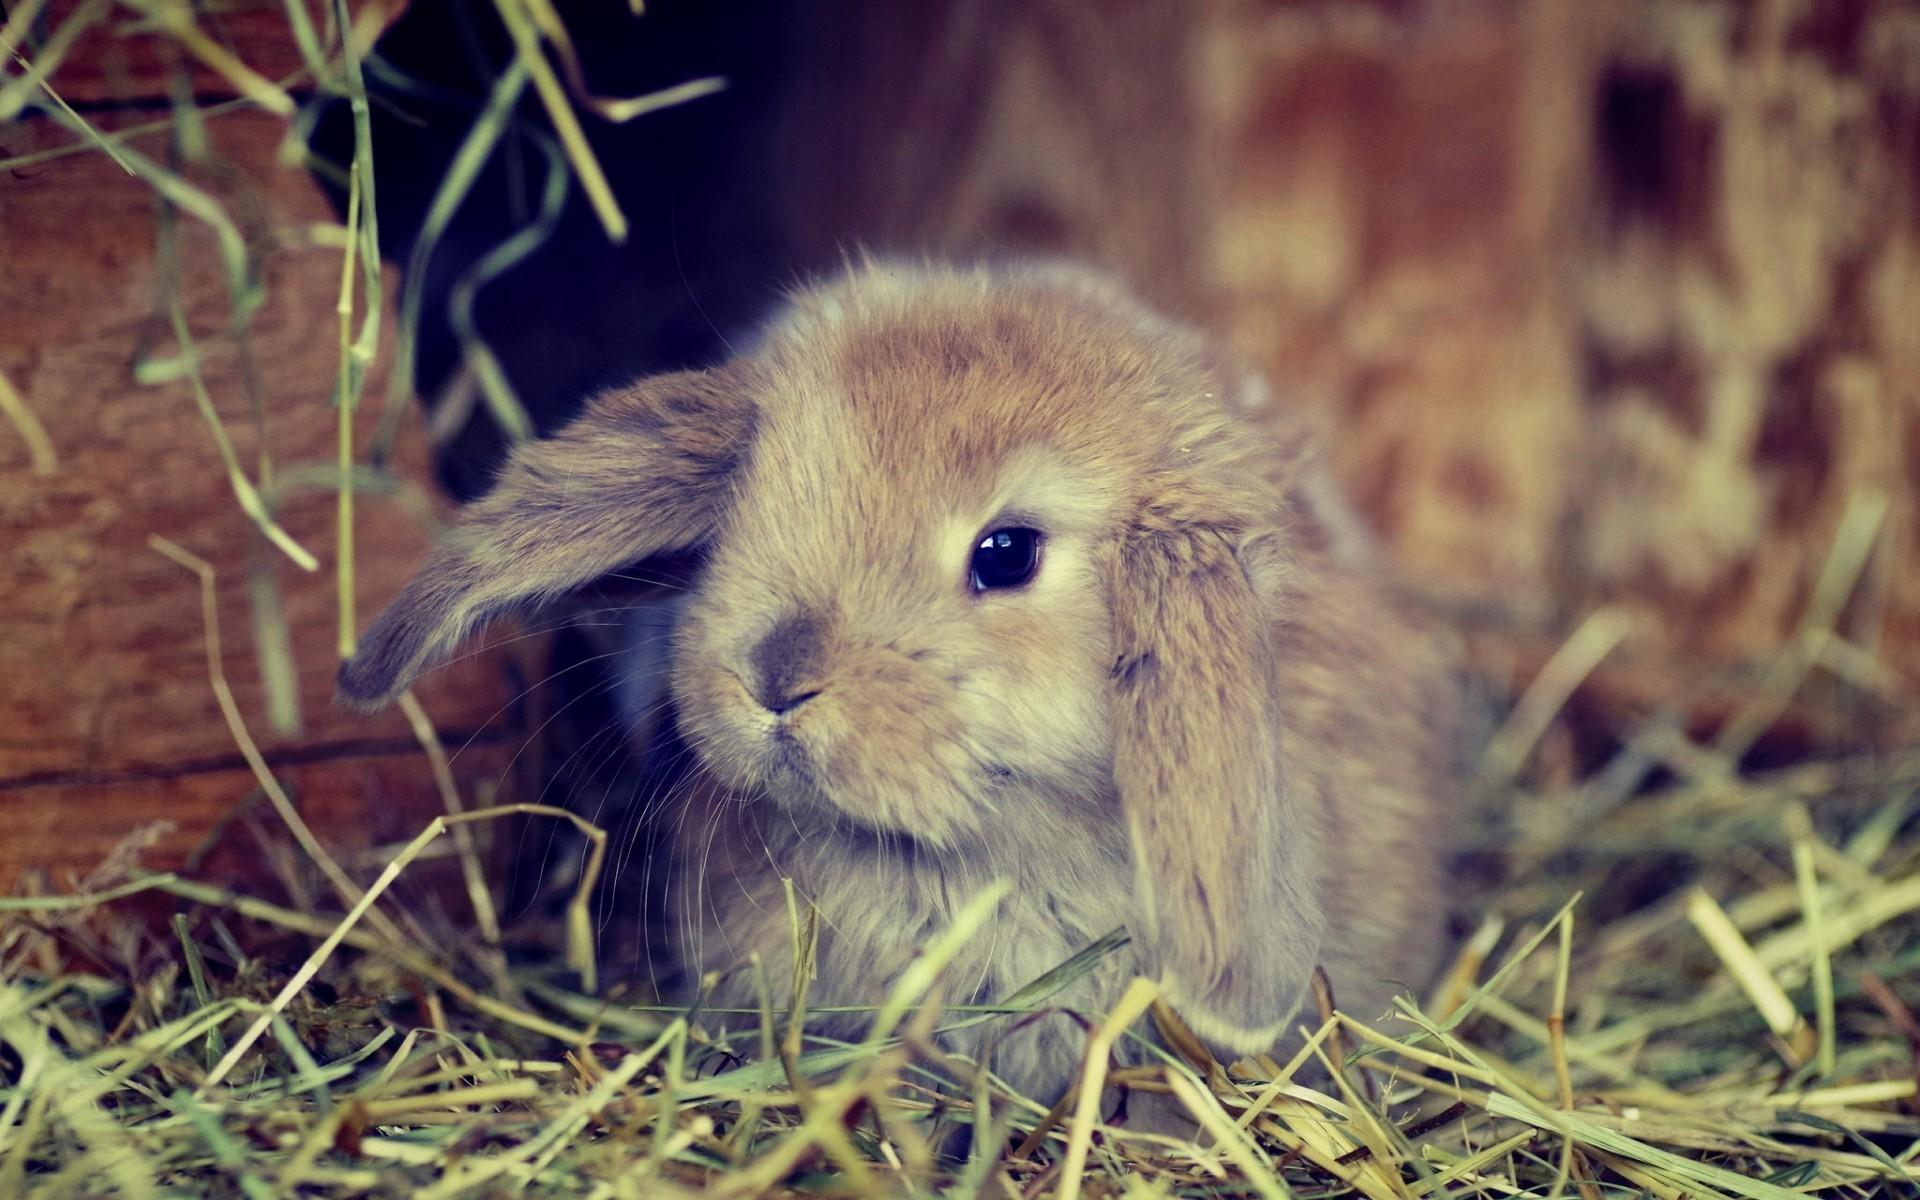 комнате картинка зайца самая лучшая ноздри отмечаются